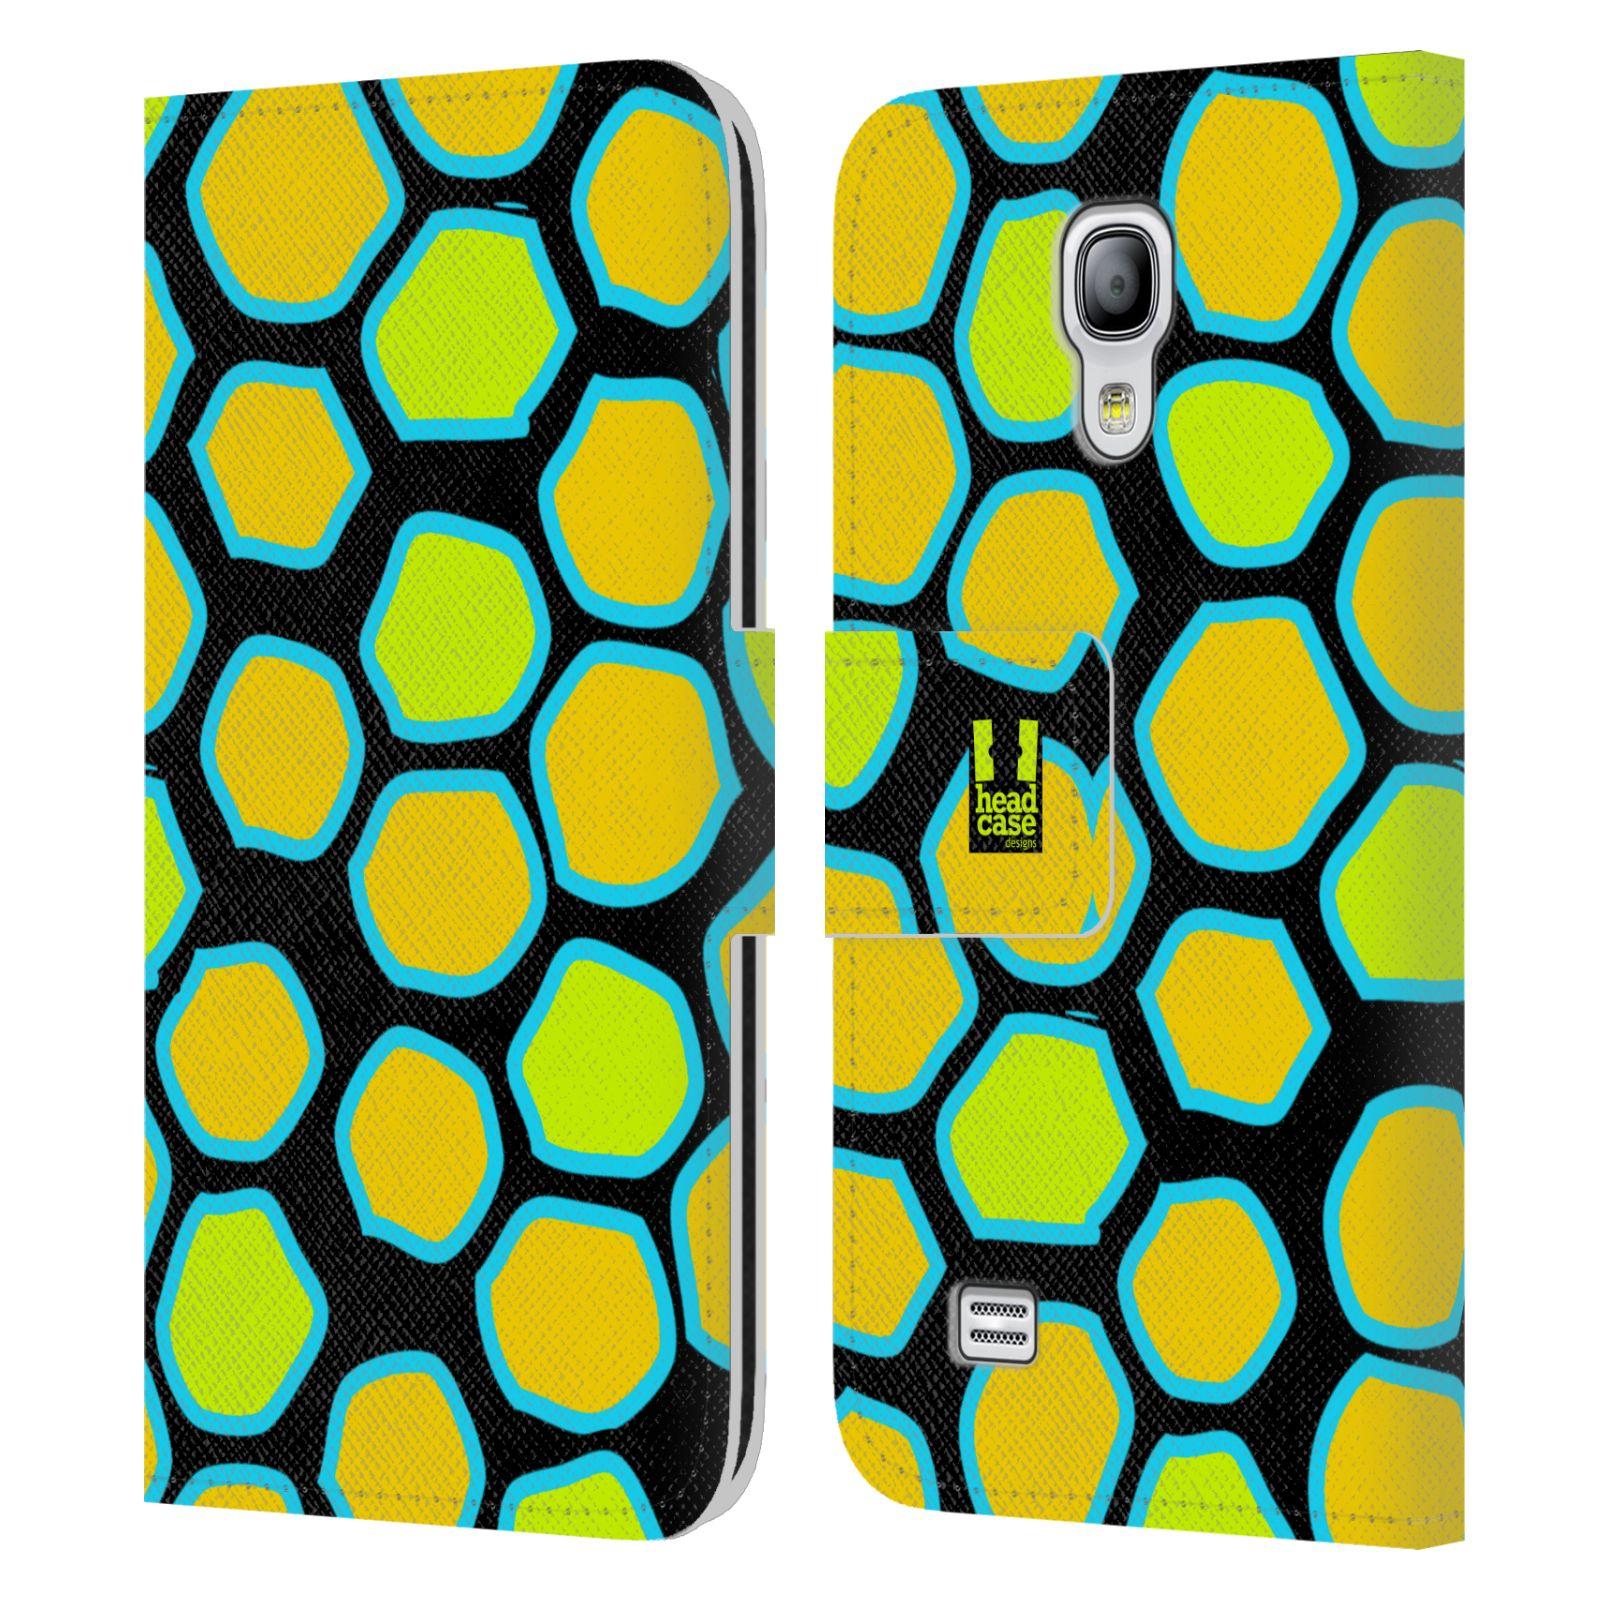 HEAD CASE Flipové pouzdro pro mobil Samsung Galaxy S4 MINI / S4 MINI DUOS Zvířecí barevné vzory žlutý had